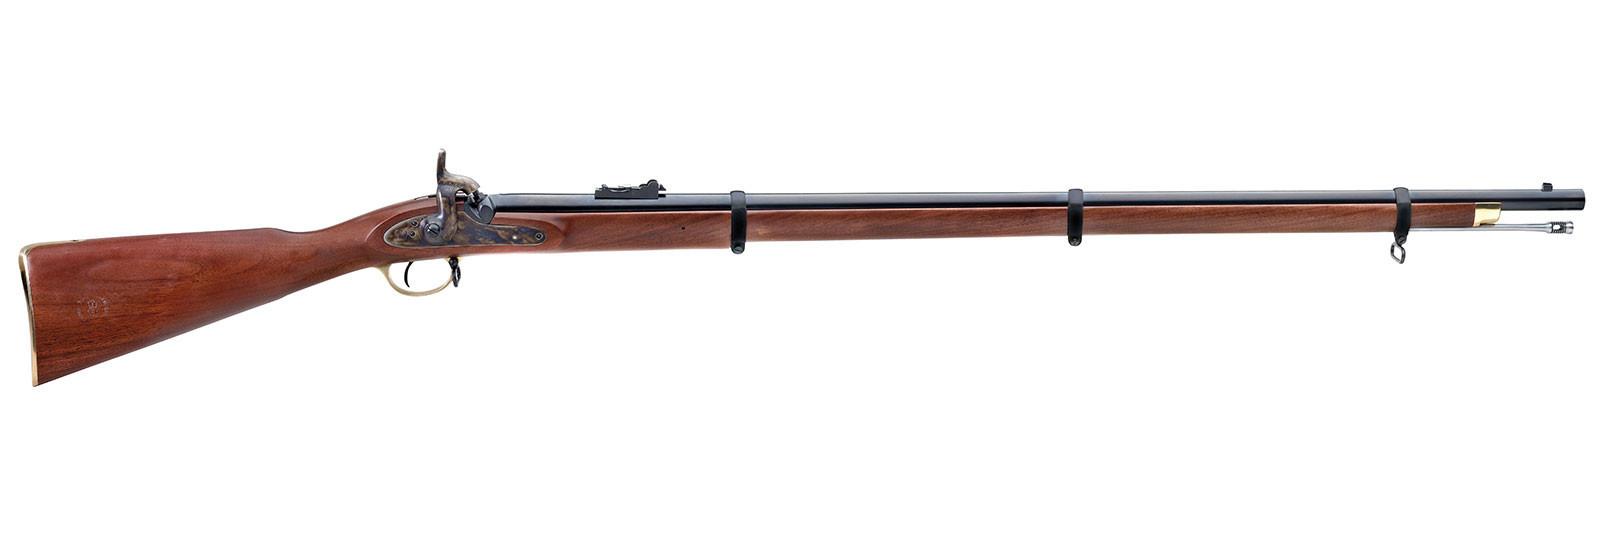 Enfield 3 band Pattern 1853 Rifle Musket